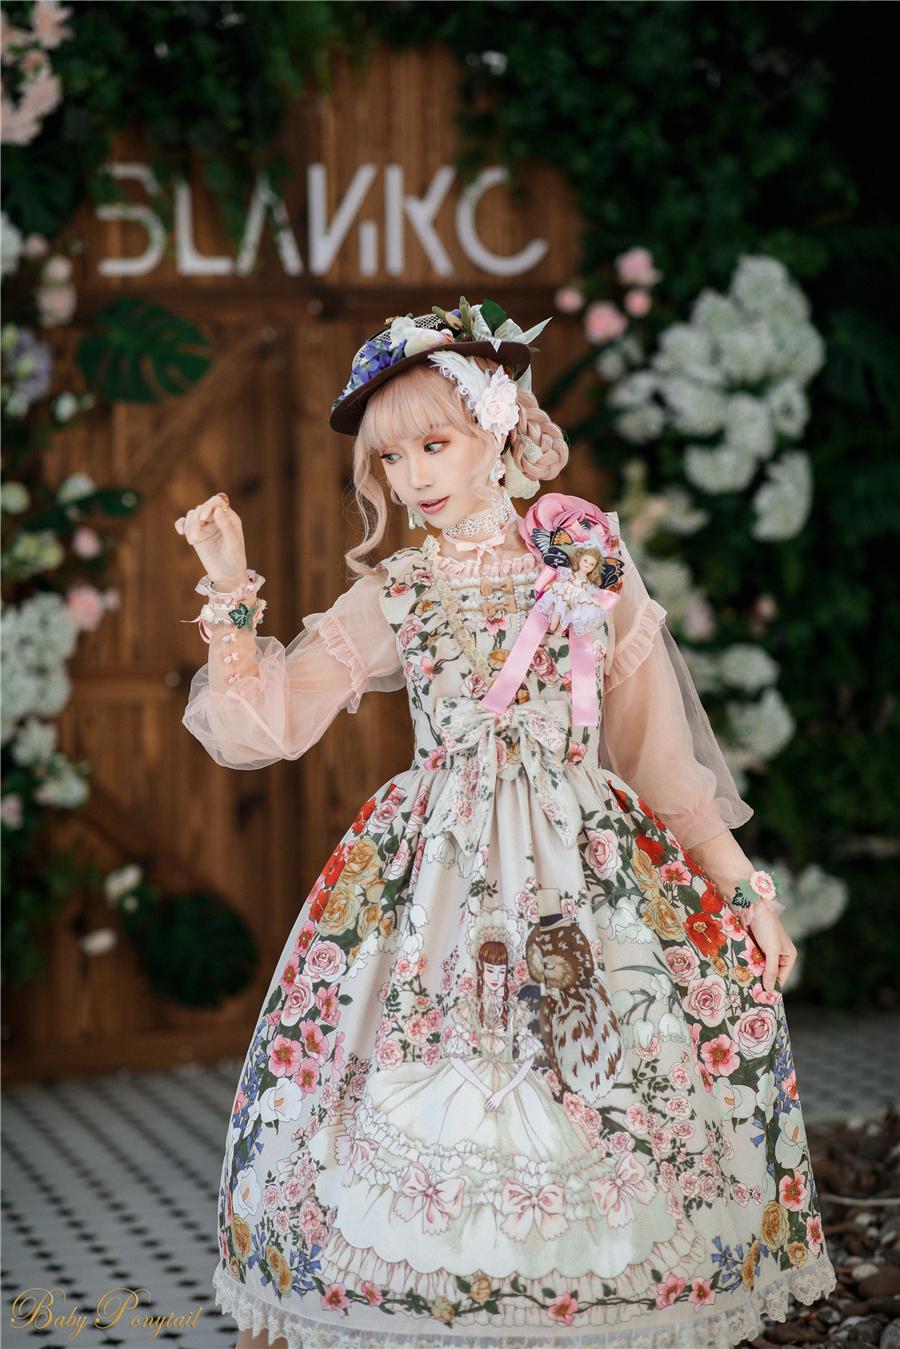 Baby Ponytail_Model Photo_Polly's Garden of Dreams_JSK Ivory_Kaka06.jpg